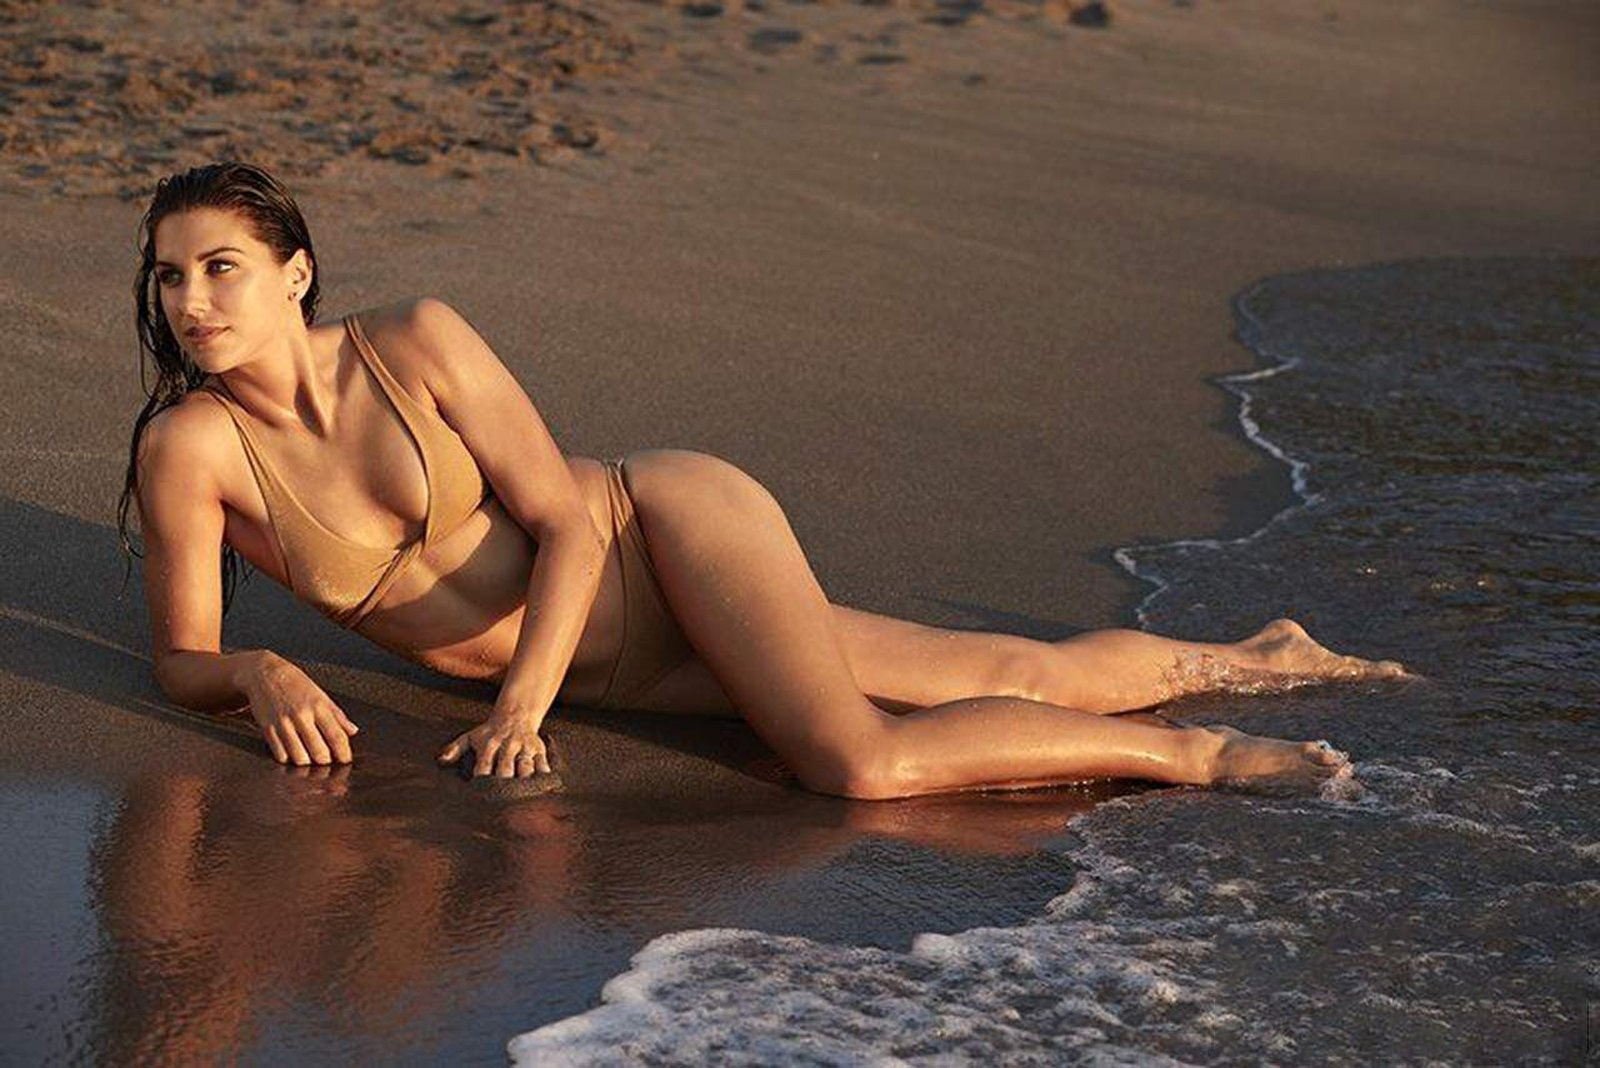 Nữ cầu thủ Alex Morgan khi làm người mẫu áo tắm